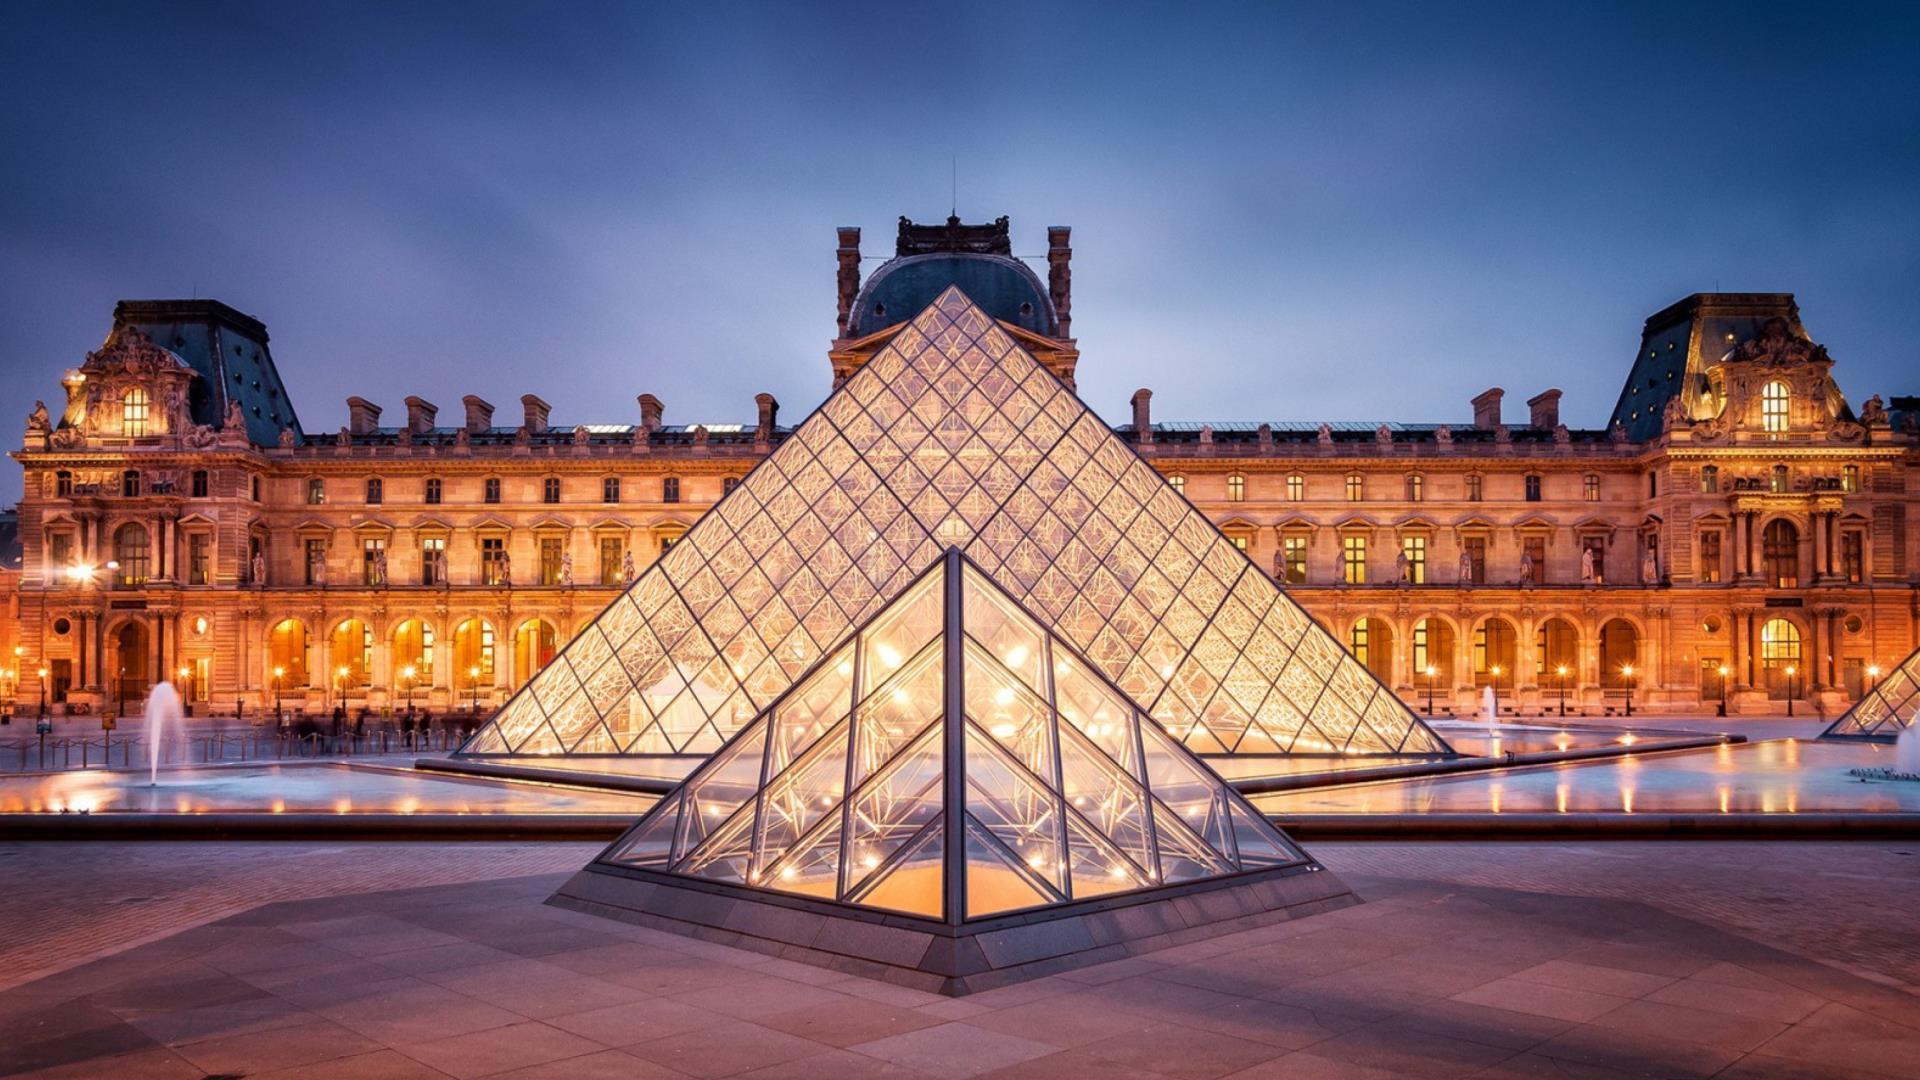 Kim tự tháp được làm bằng kính tại bảo tàng Louvre